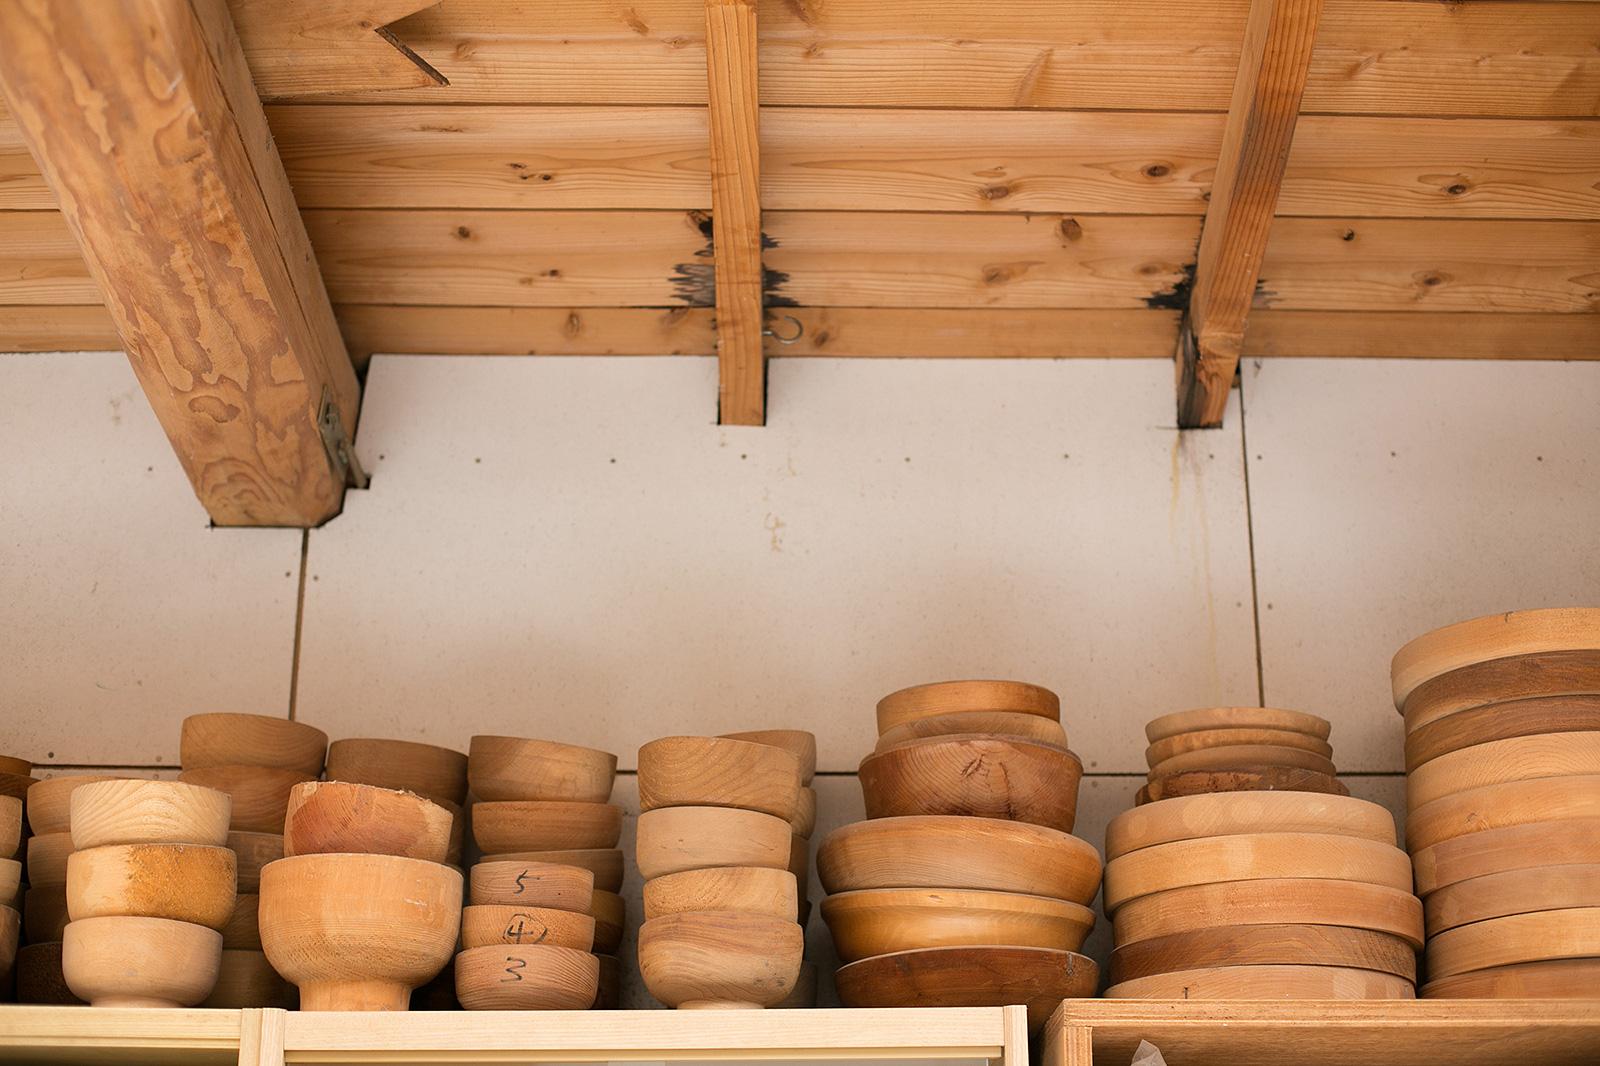 アトリエときの倉庫で保管・乾燥中の器の材料(木地)